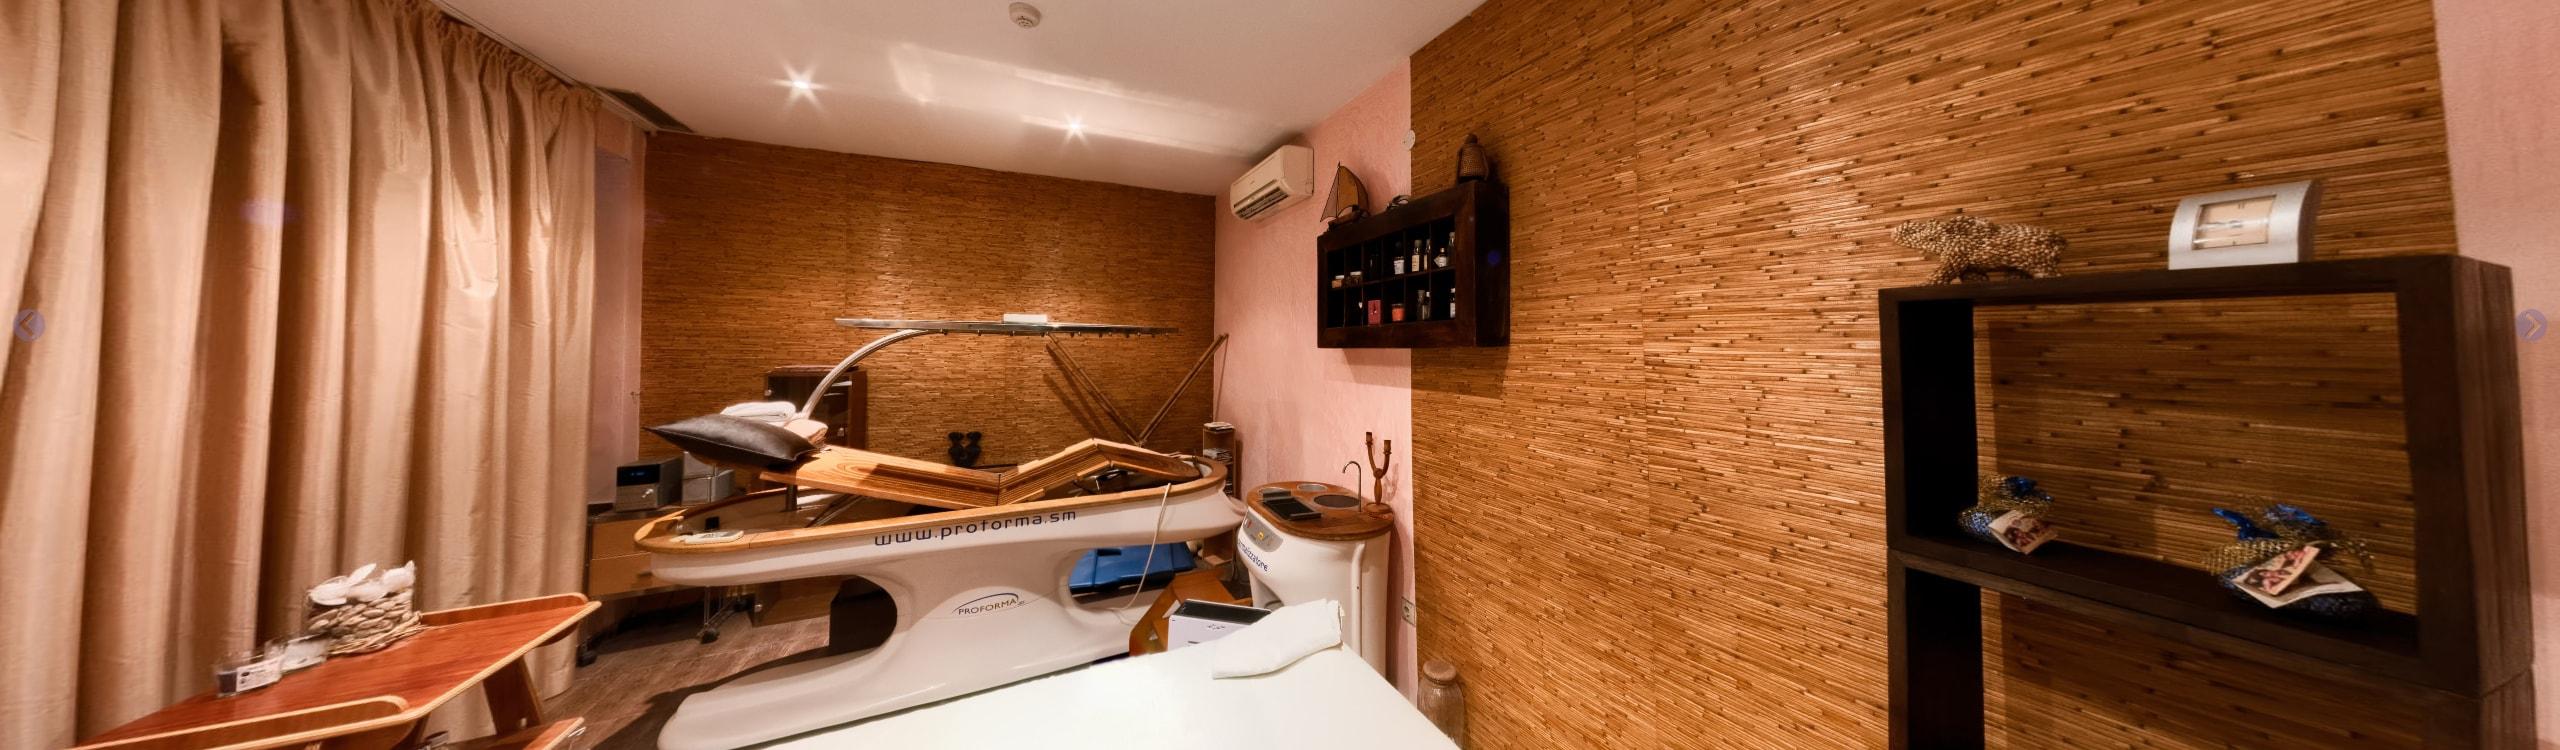 Стая за масажи JK Fitness & Wellness Spa